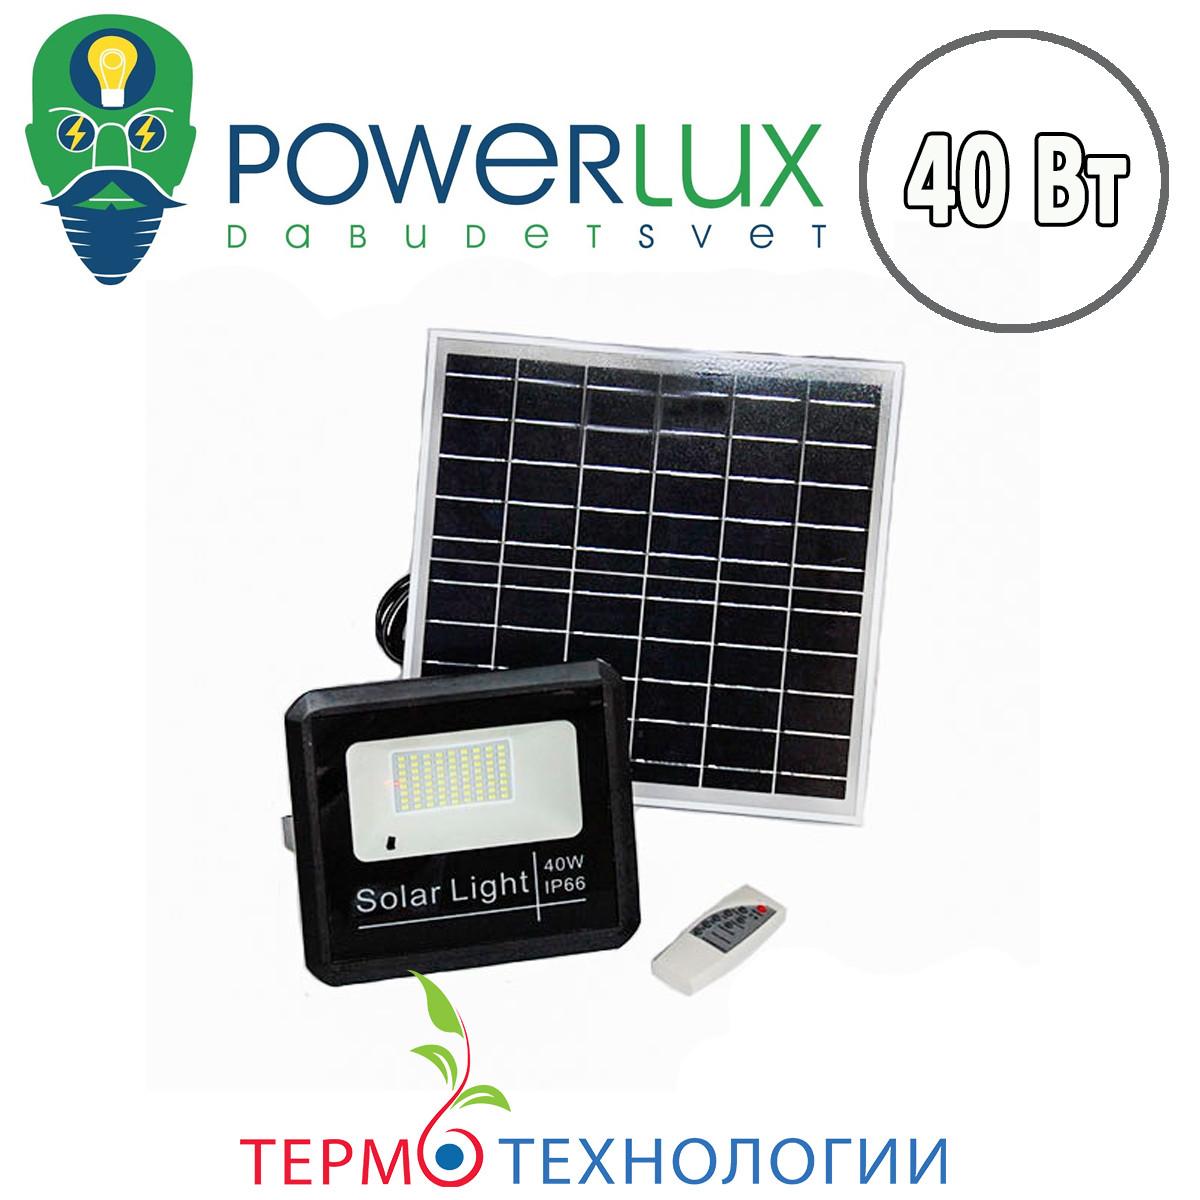 Светодиодный прожектор POWERLUX LED на солнечной панели 40W с пультом